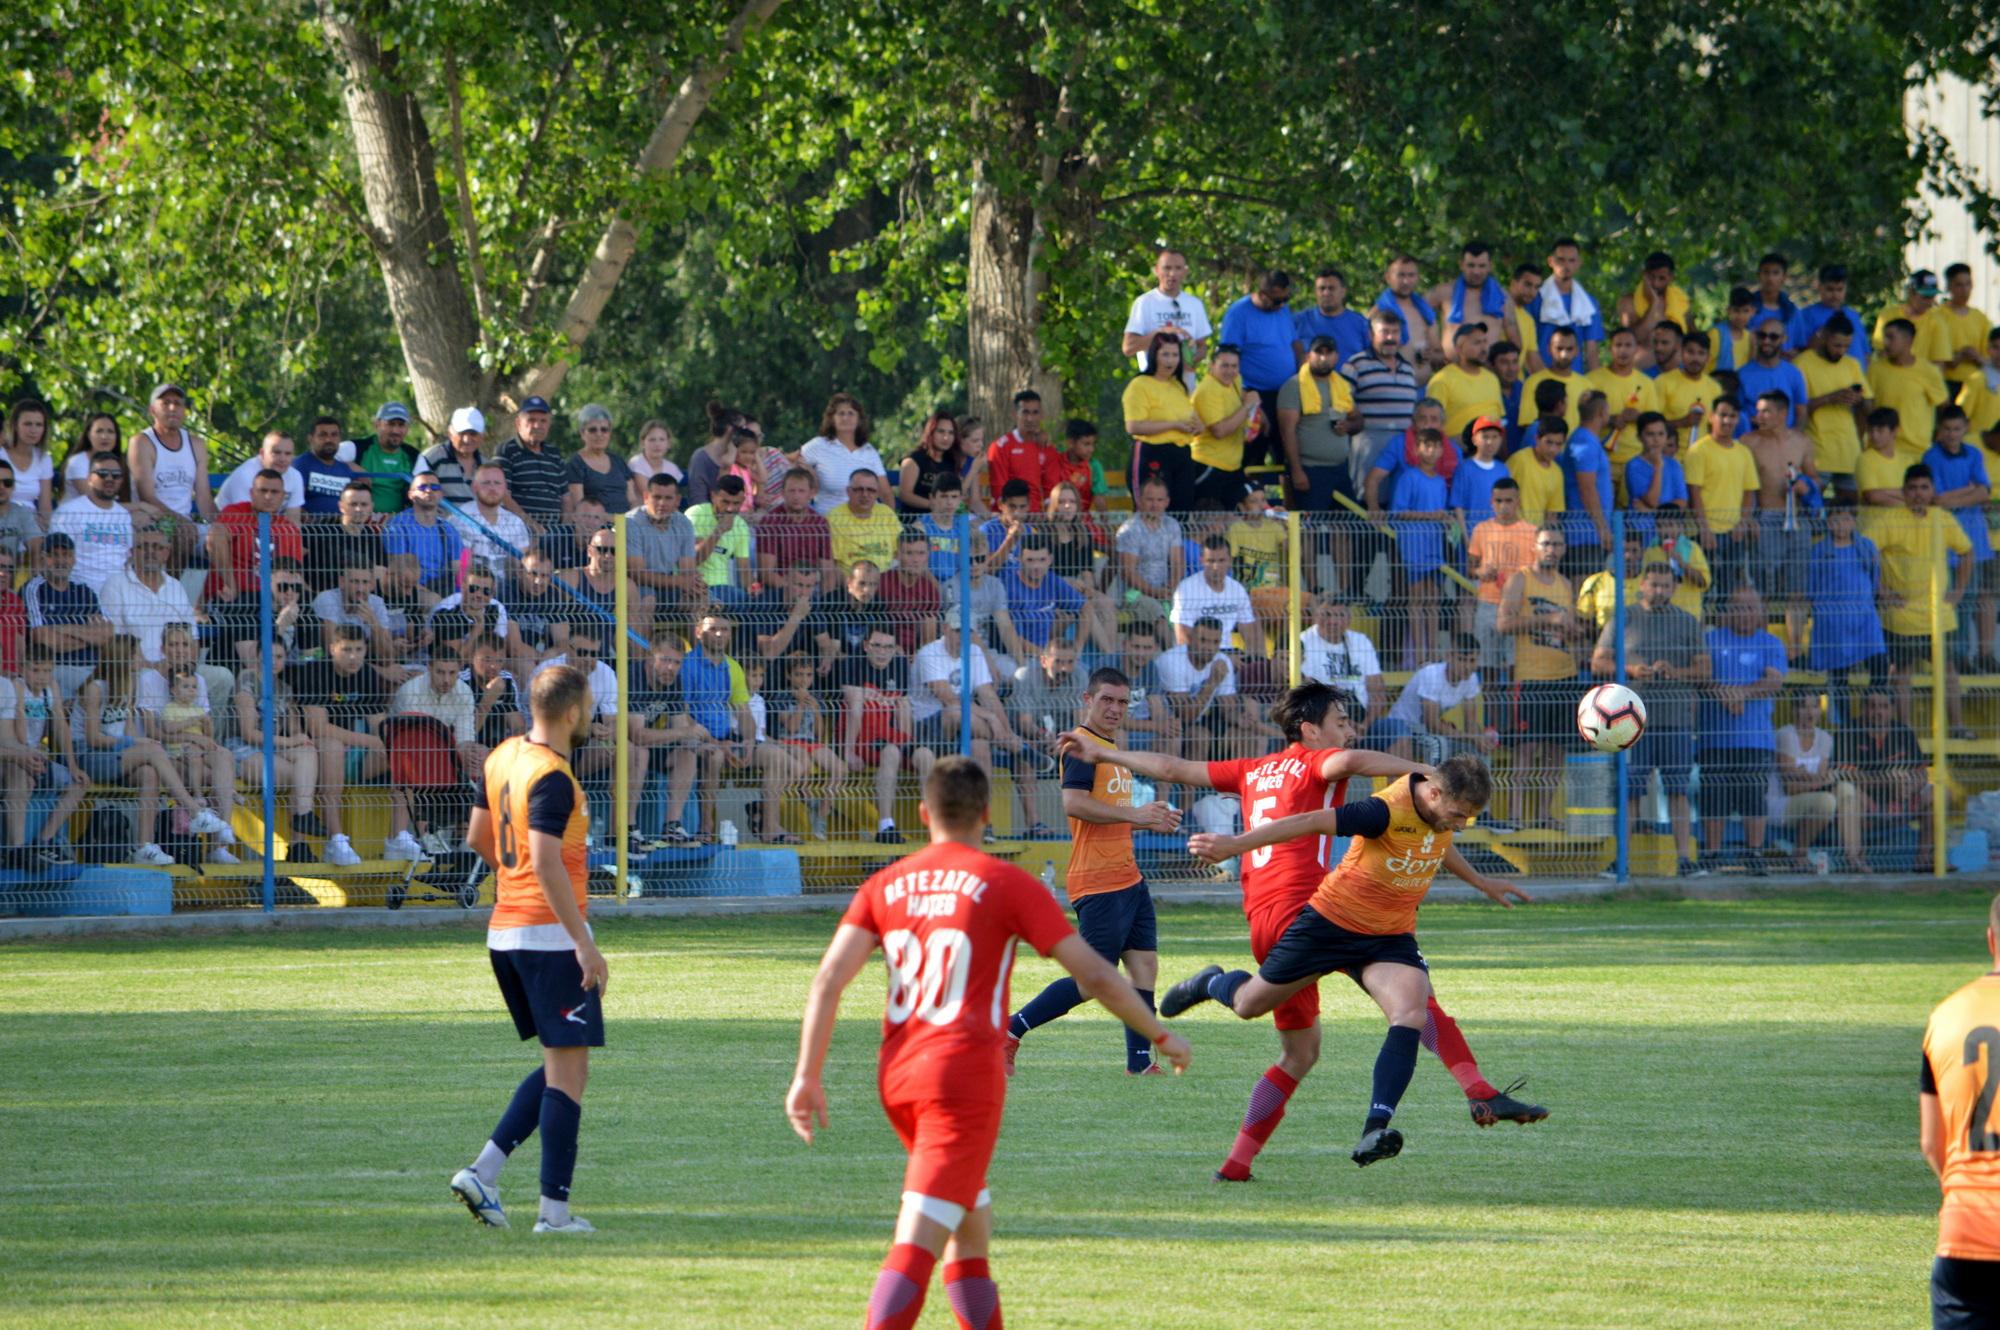 Victorie muncită pentru Progresul în primul meci de baraj (GALERIE FOTO)